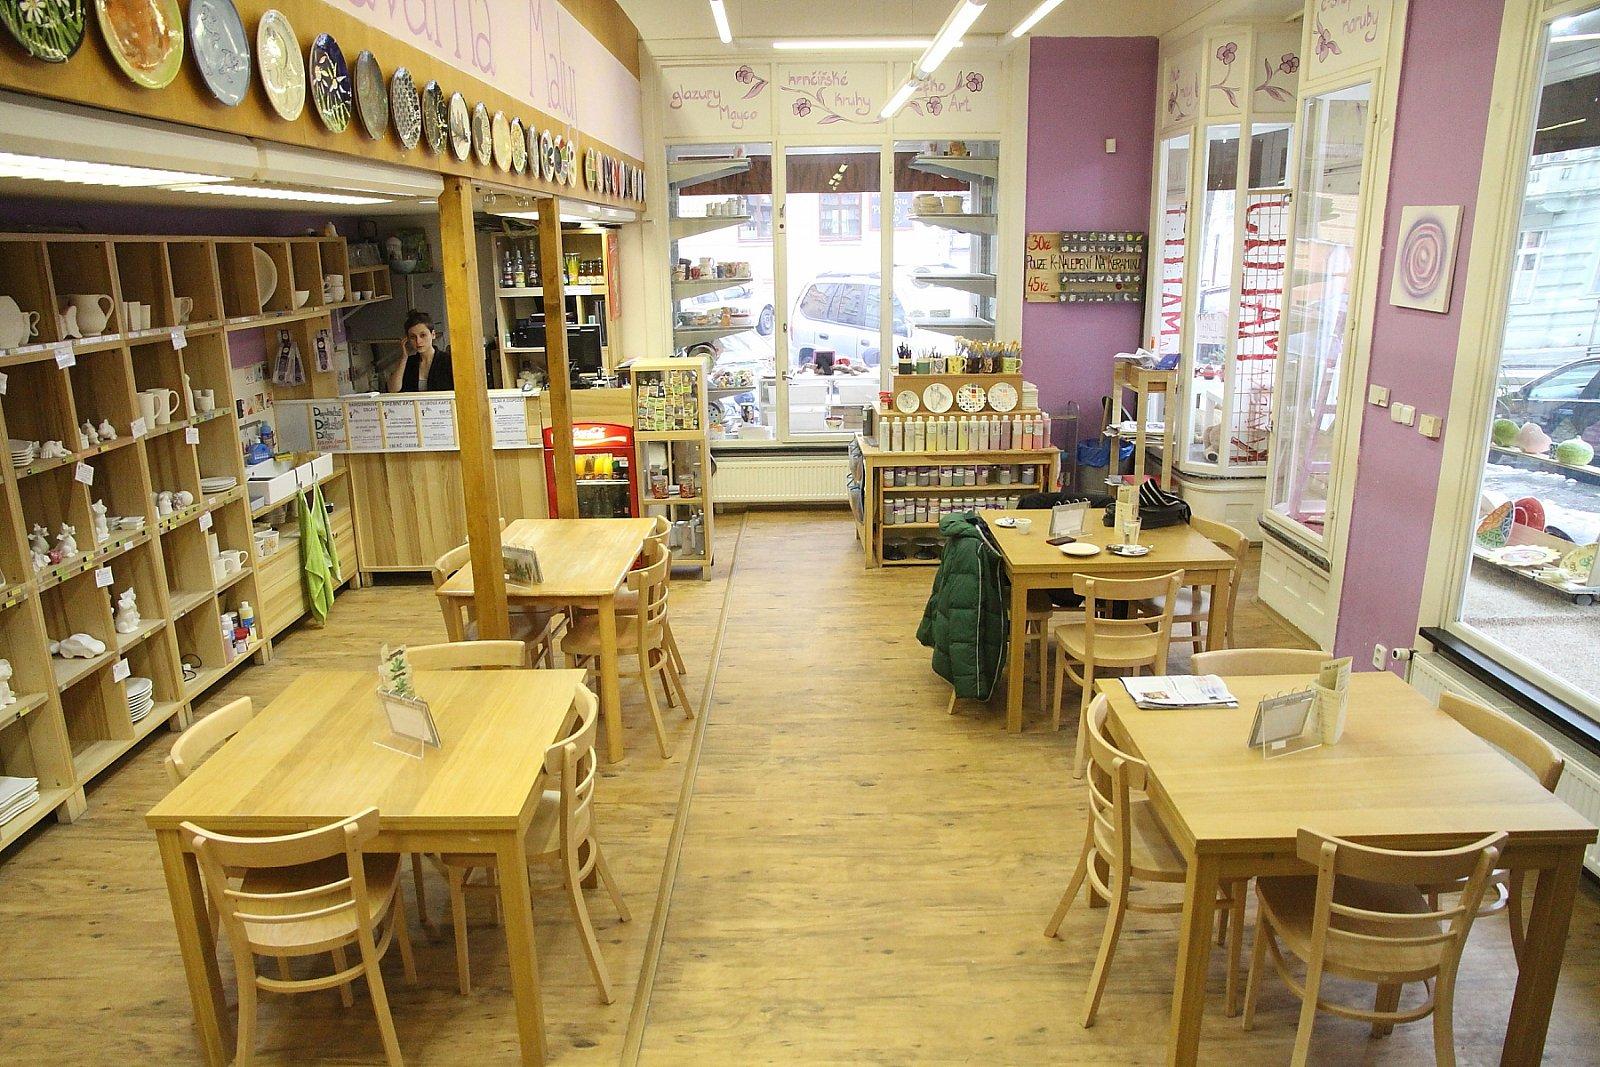 Tvůrčí kavárny jsou čisté a nekuřácké. Je to prostor k relaxaci.